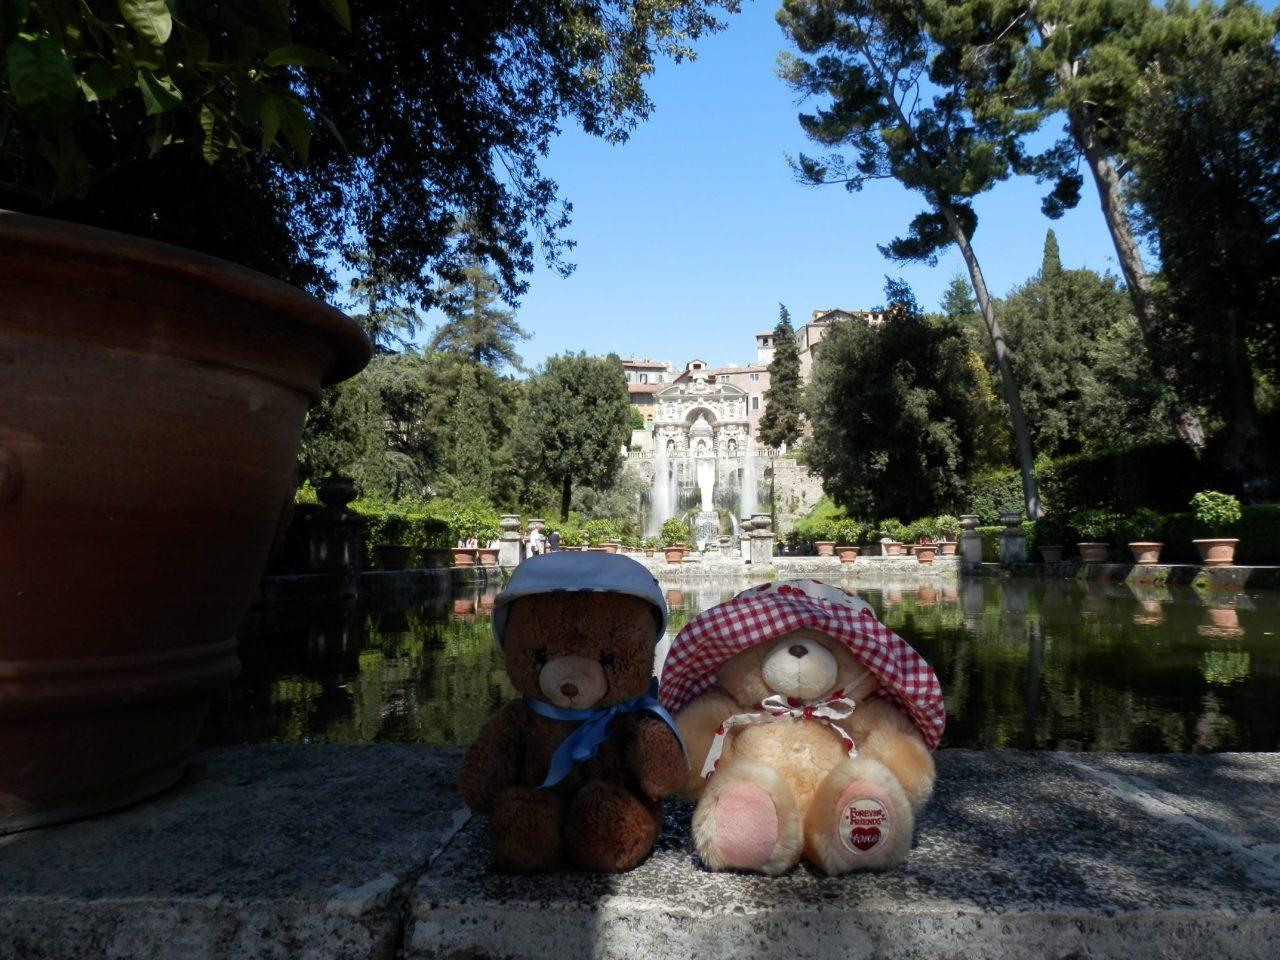 The Exquisite Fountains of Villad'Este